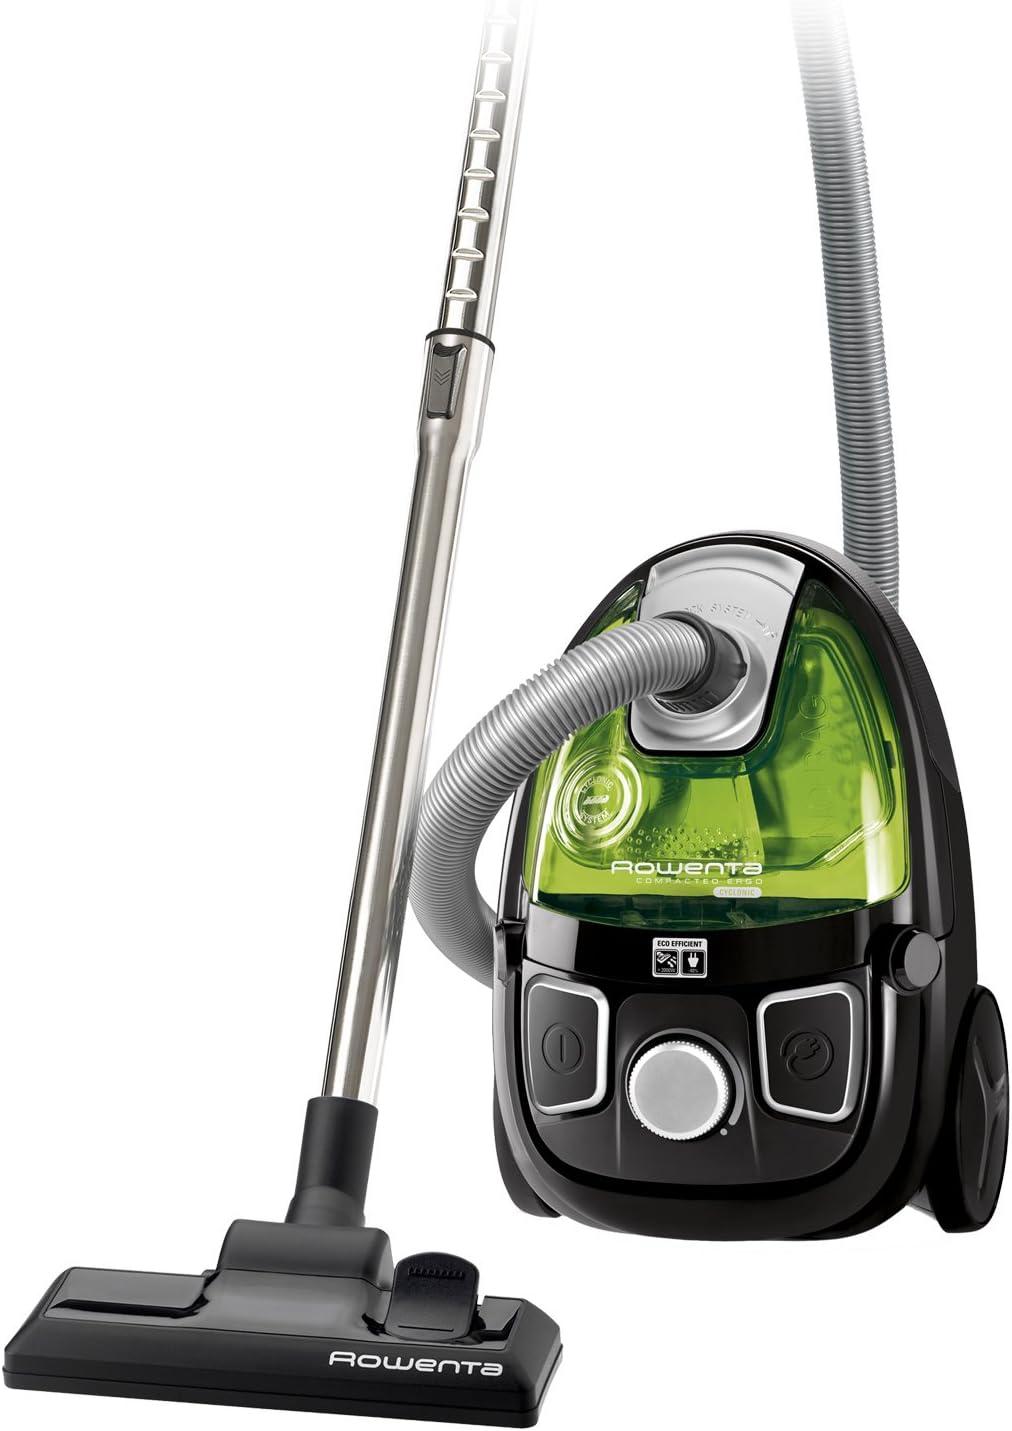 Rowenta RO 5342 aspirador - Aspiradora, color Negro, Verde: Amazon.es: Hogar